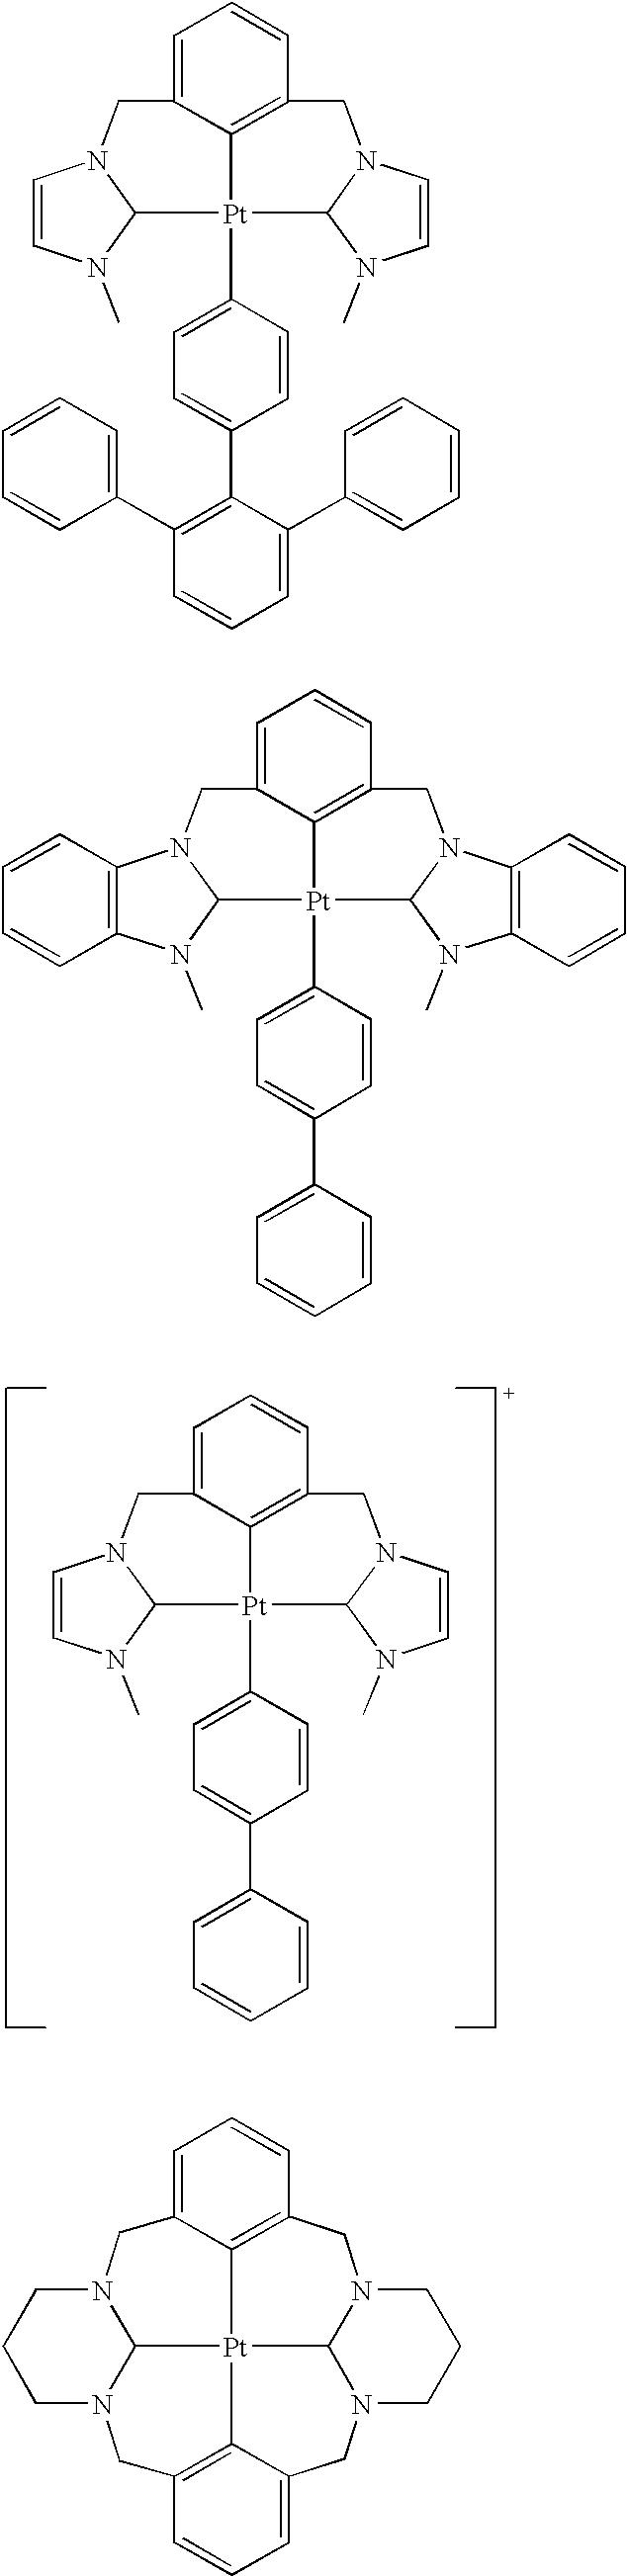 Figure US20050260445A1-20051124-C00066